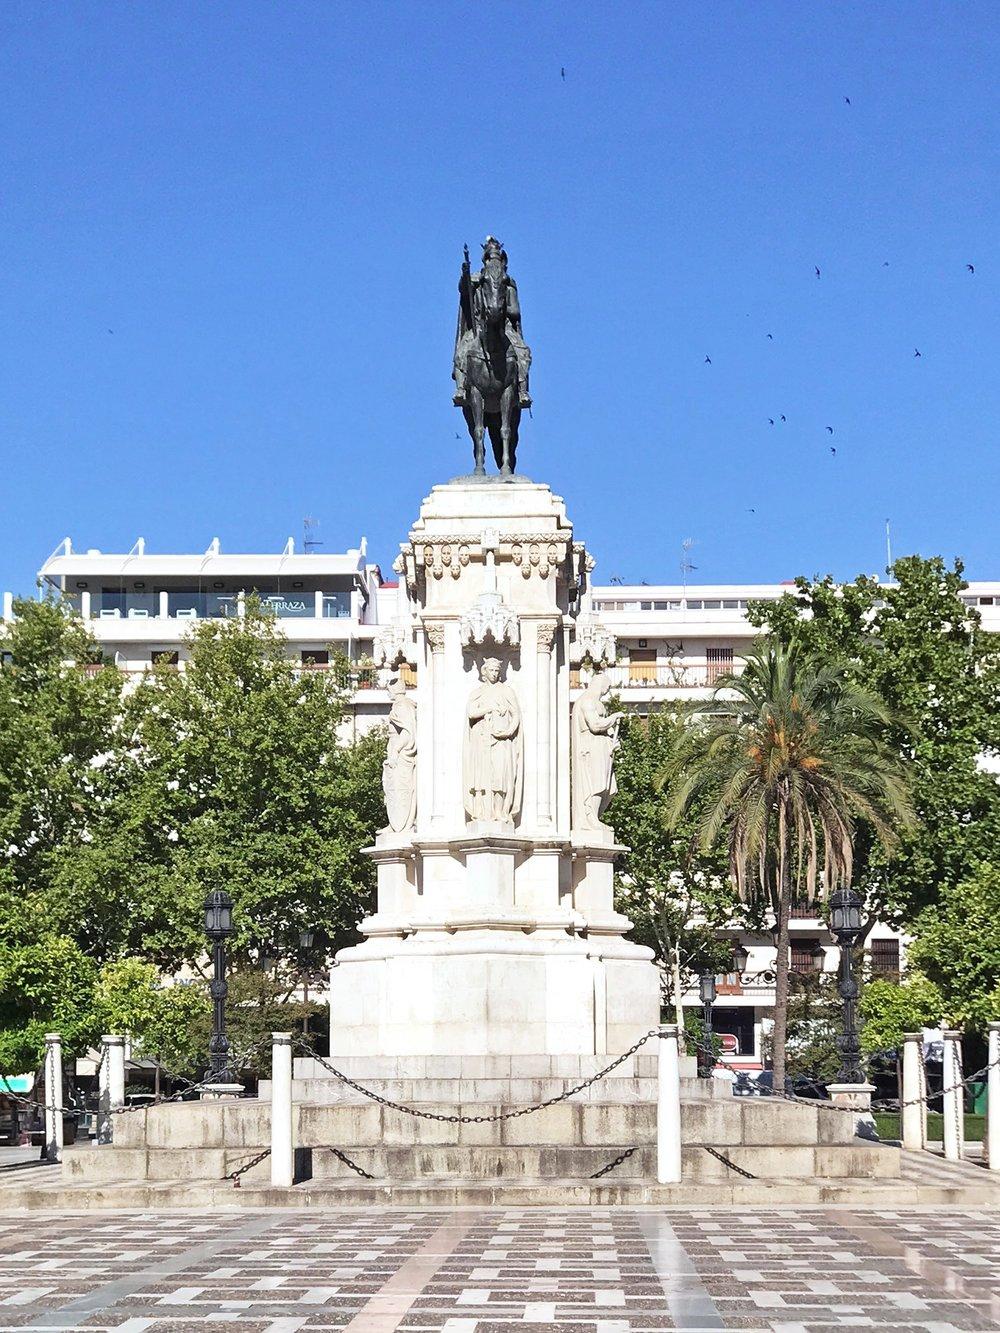 Seville Spain statue plaza.jpg